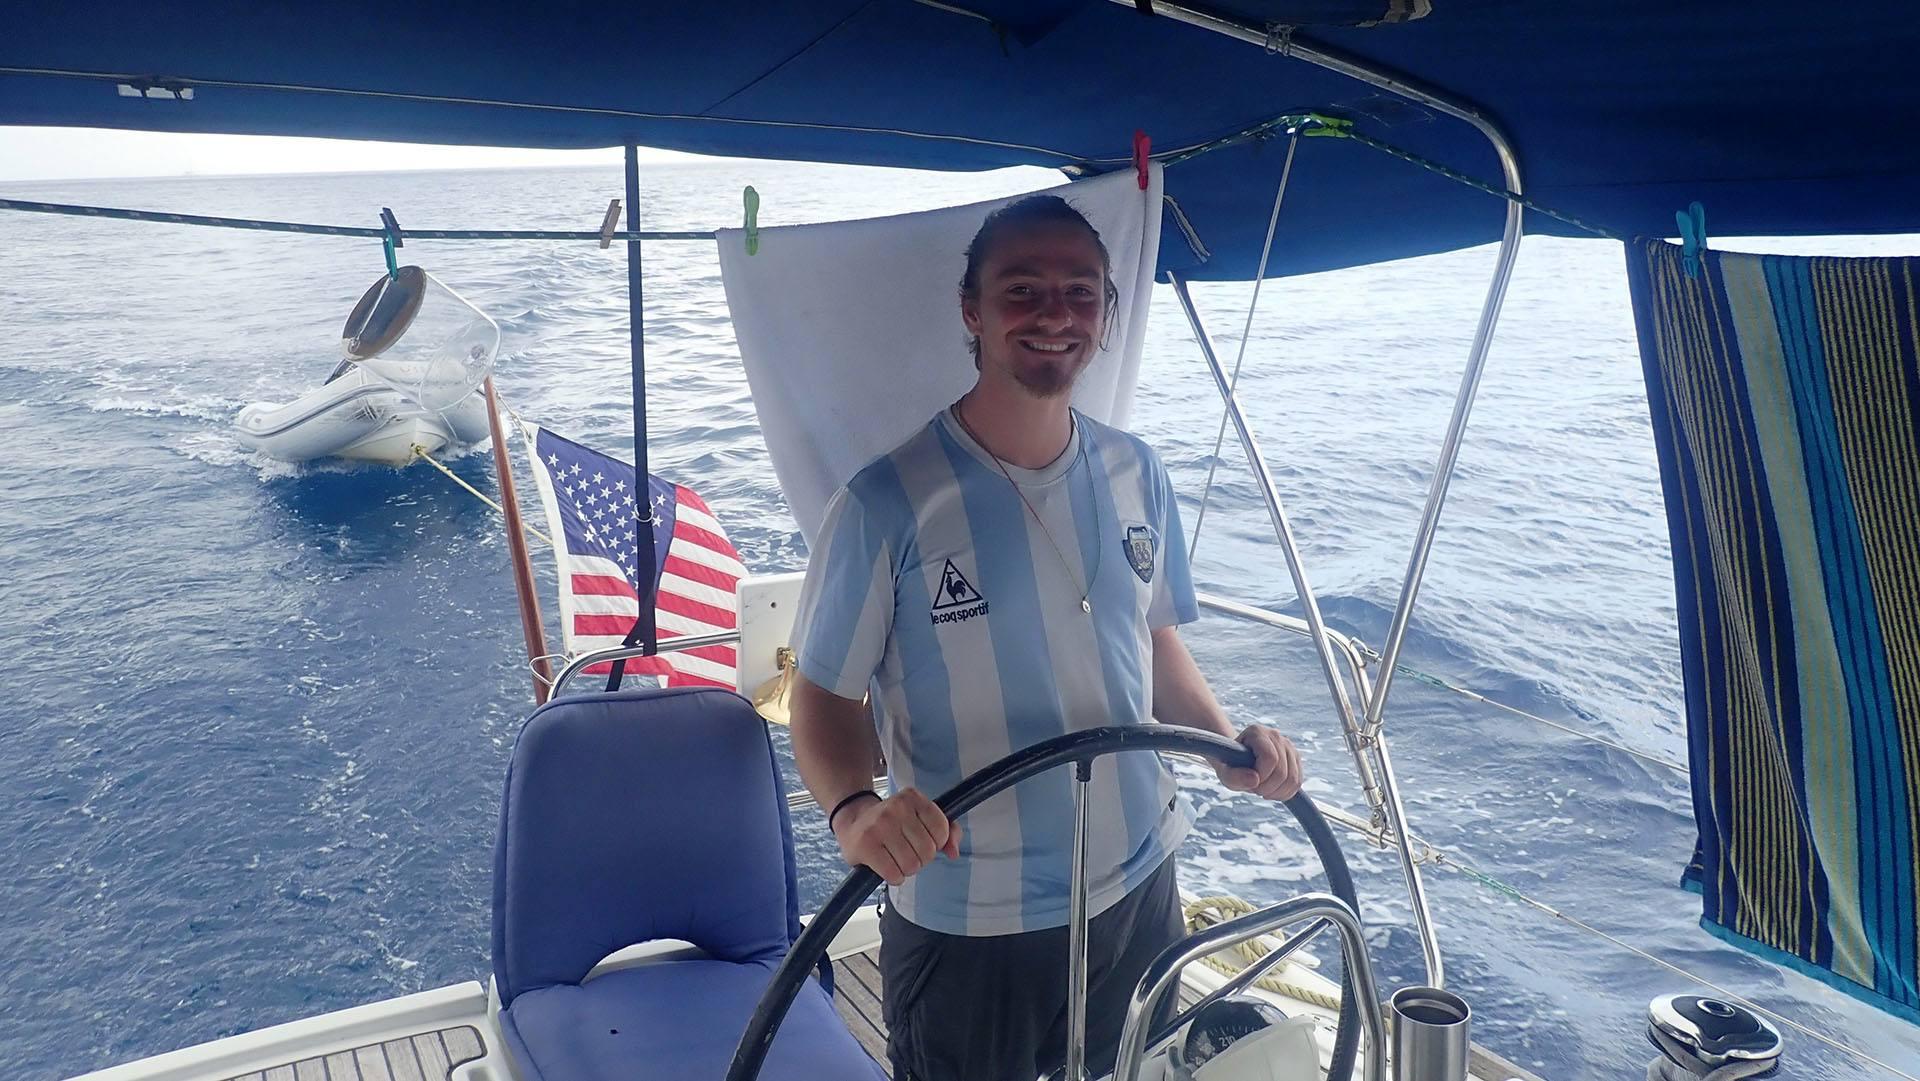 Pfastatt : le tour du monde en stop de Julien de Weijer : bateau stop réussi entre Martinique et Dominique